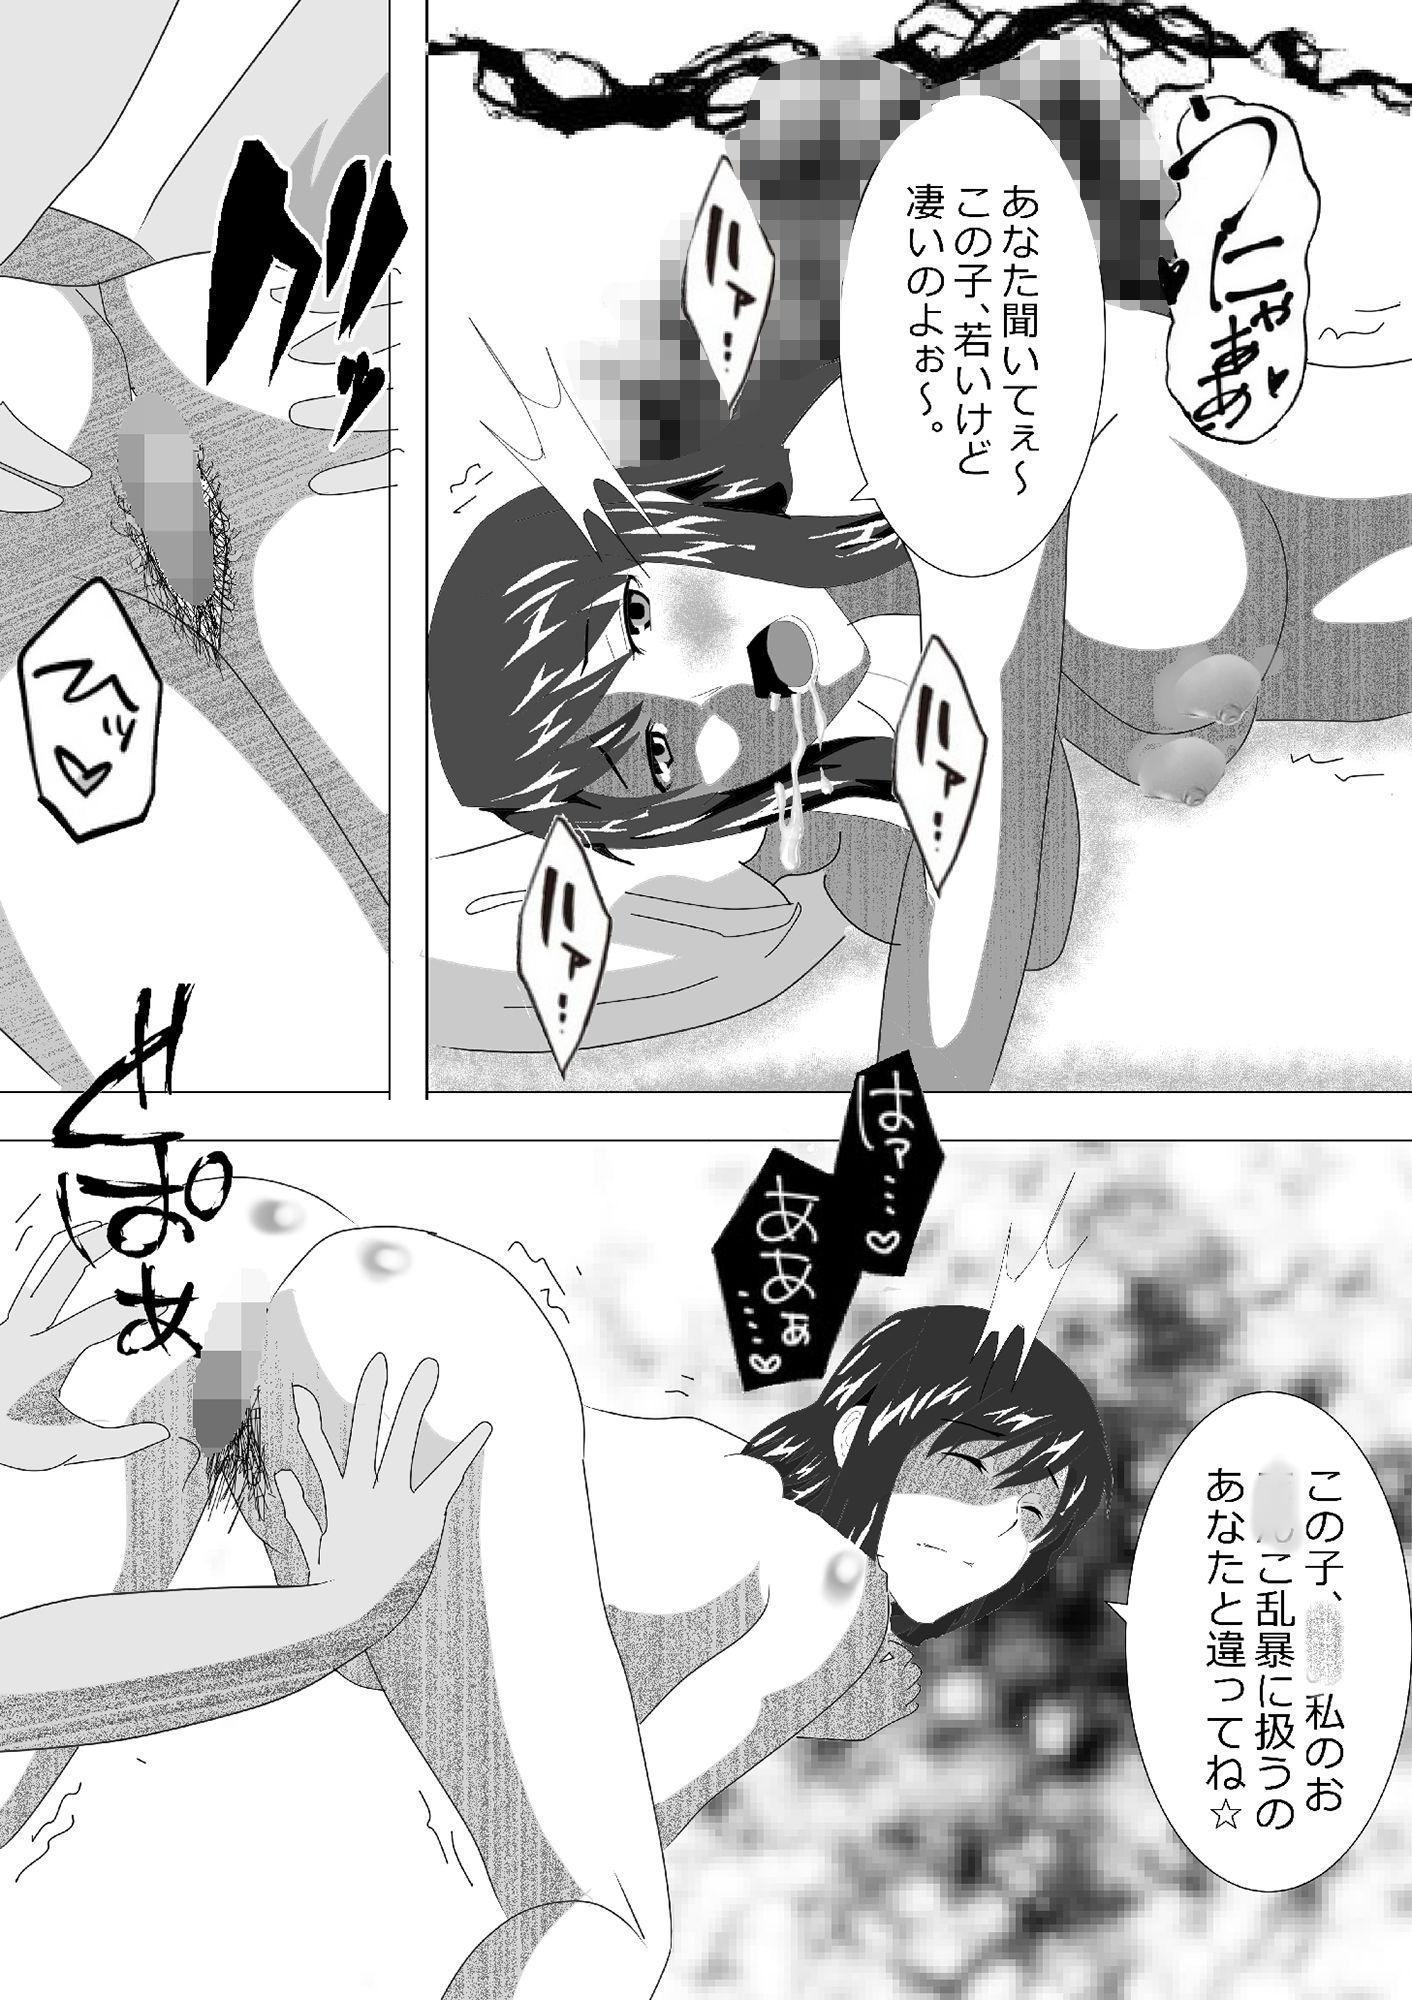 サンプル画像3:寝取られ女教師 2021 2nd(北松屋) [d_194152]